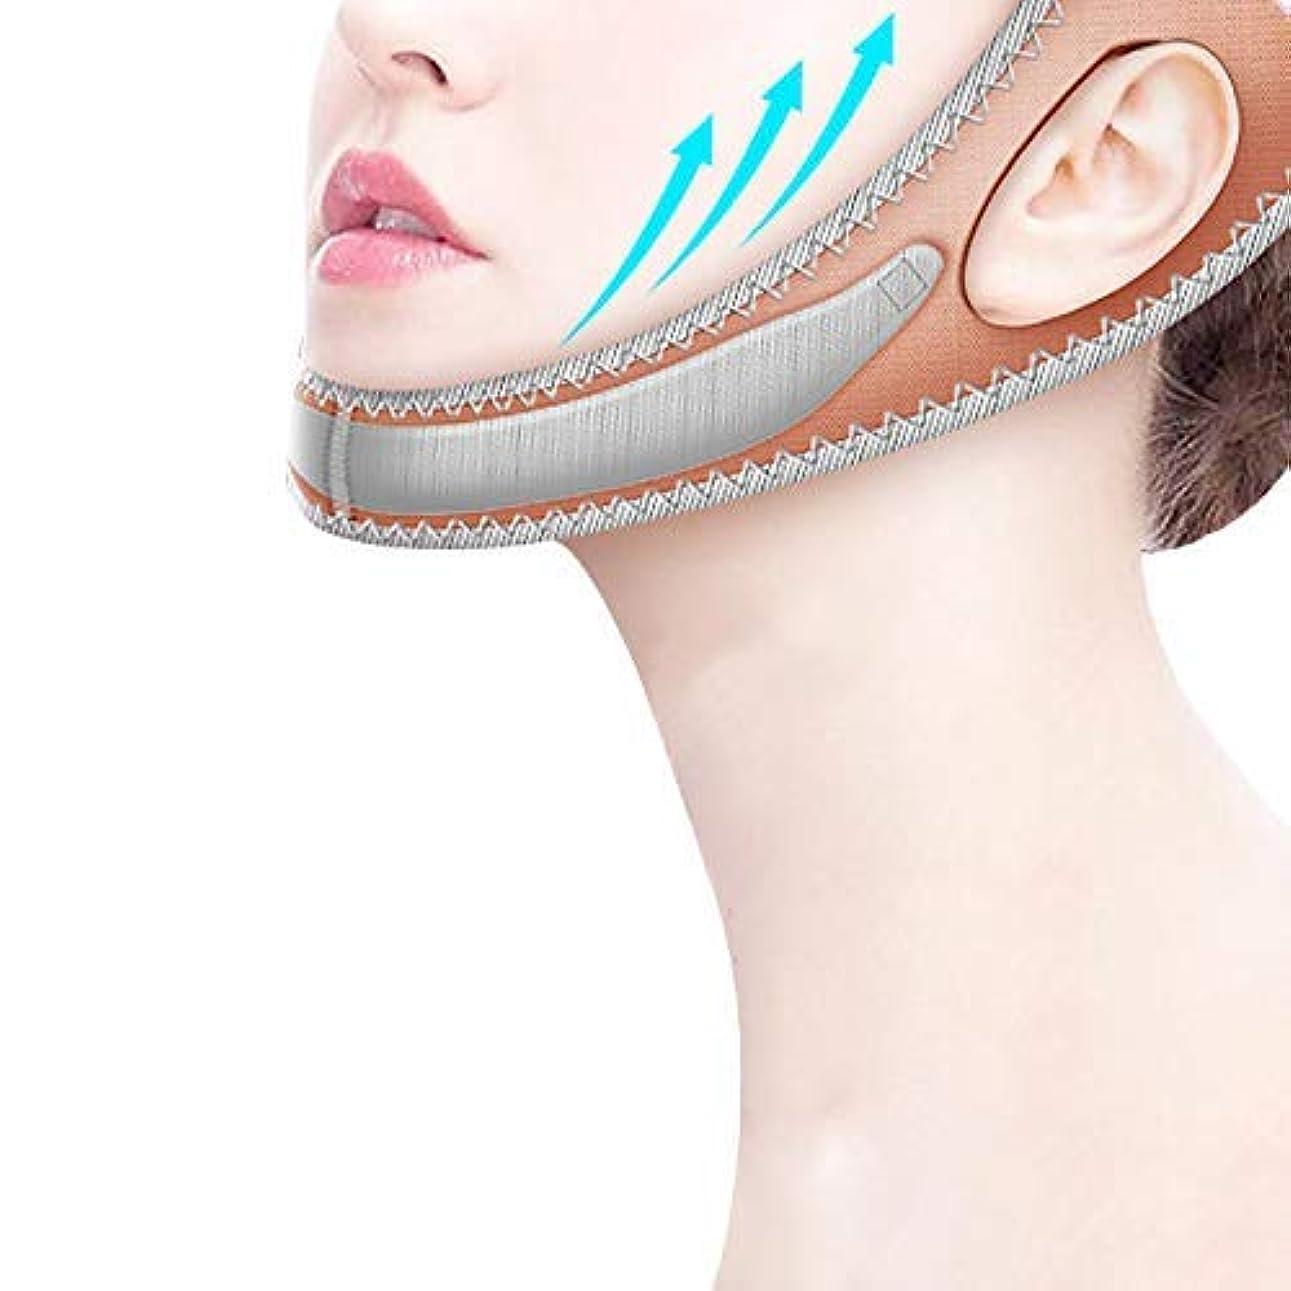 価値サポートジョリー二重あごのプラスチック顔のアーティファクトの器械の美顔術のマッサージャーの近くで持ち上がる小さいVの表面の器械の包帯のマスクとの睡眠